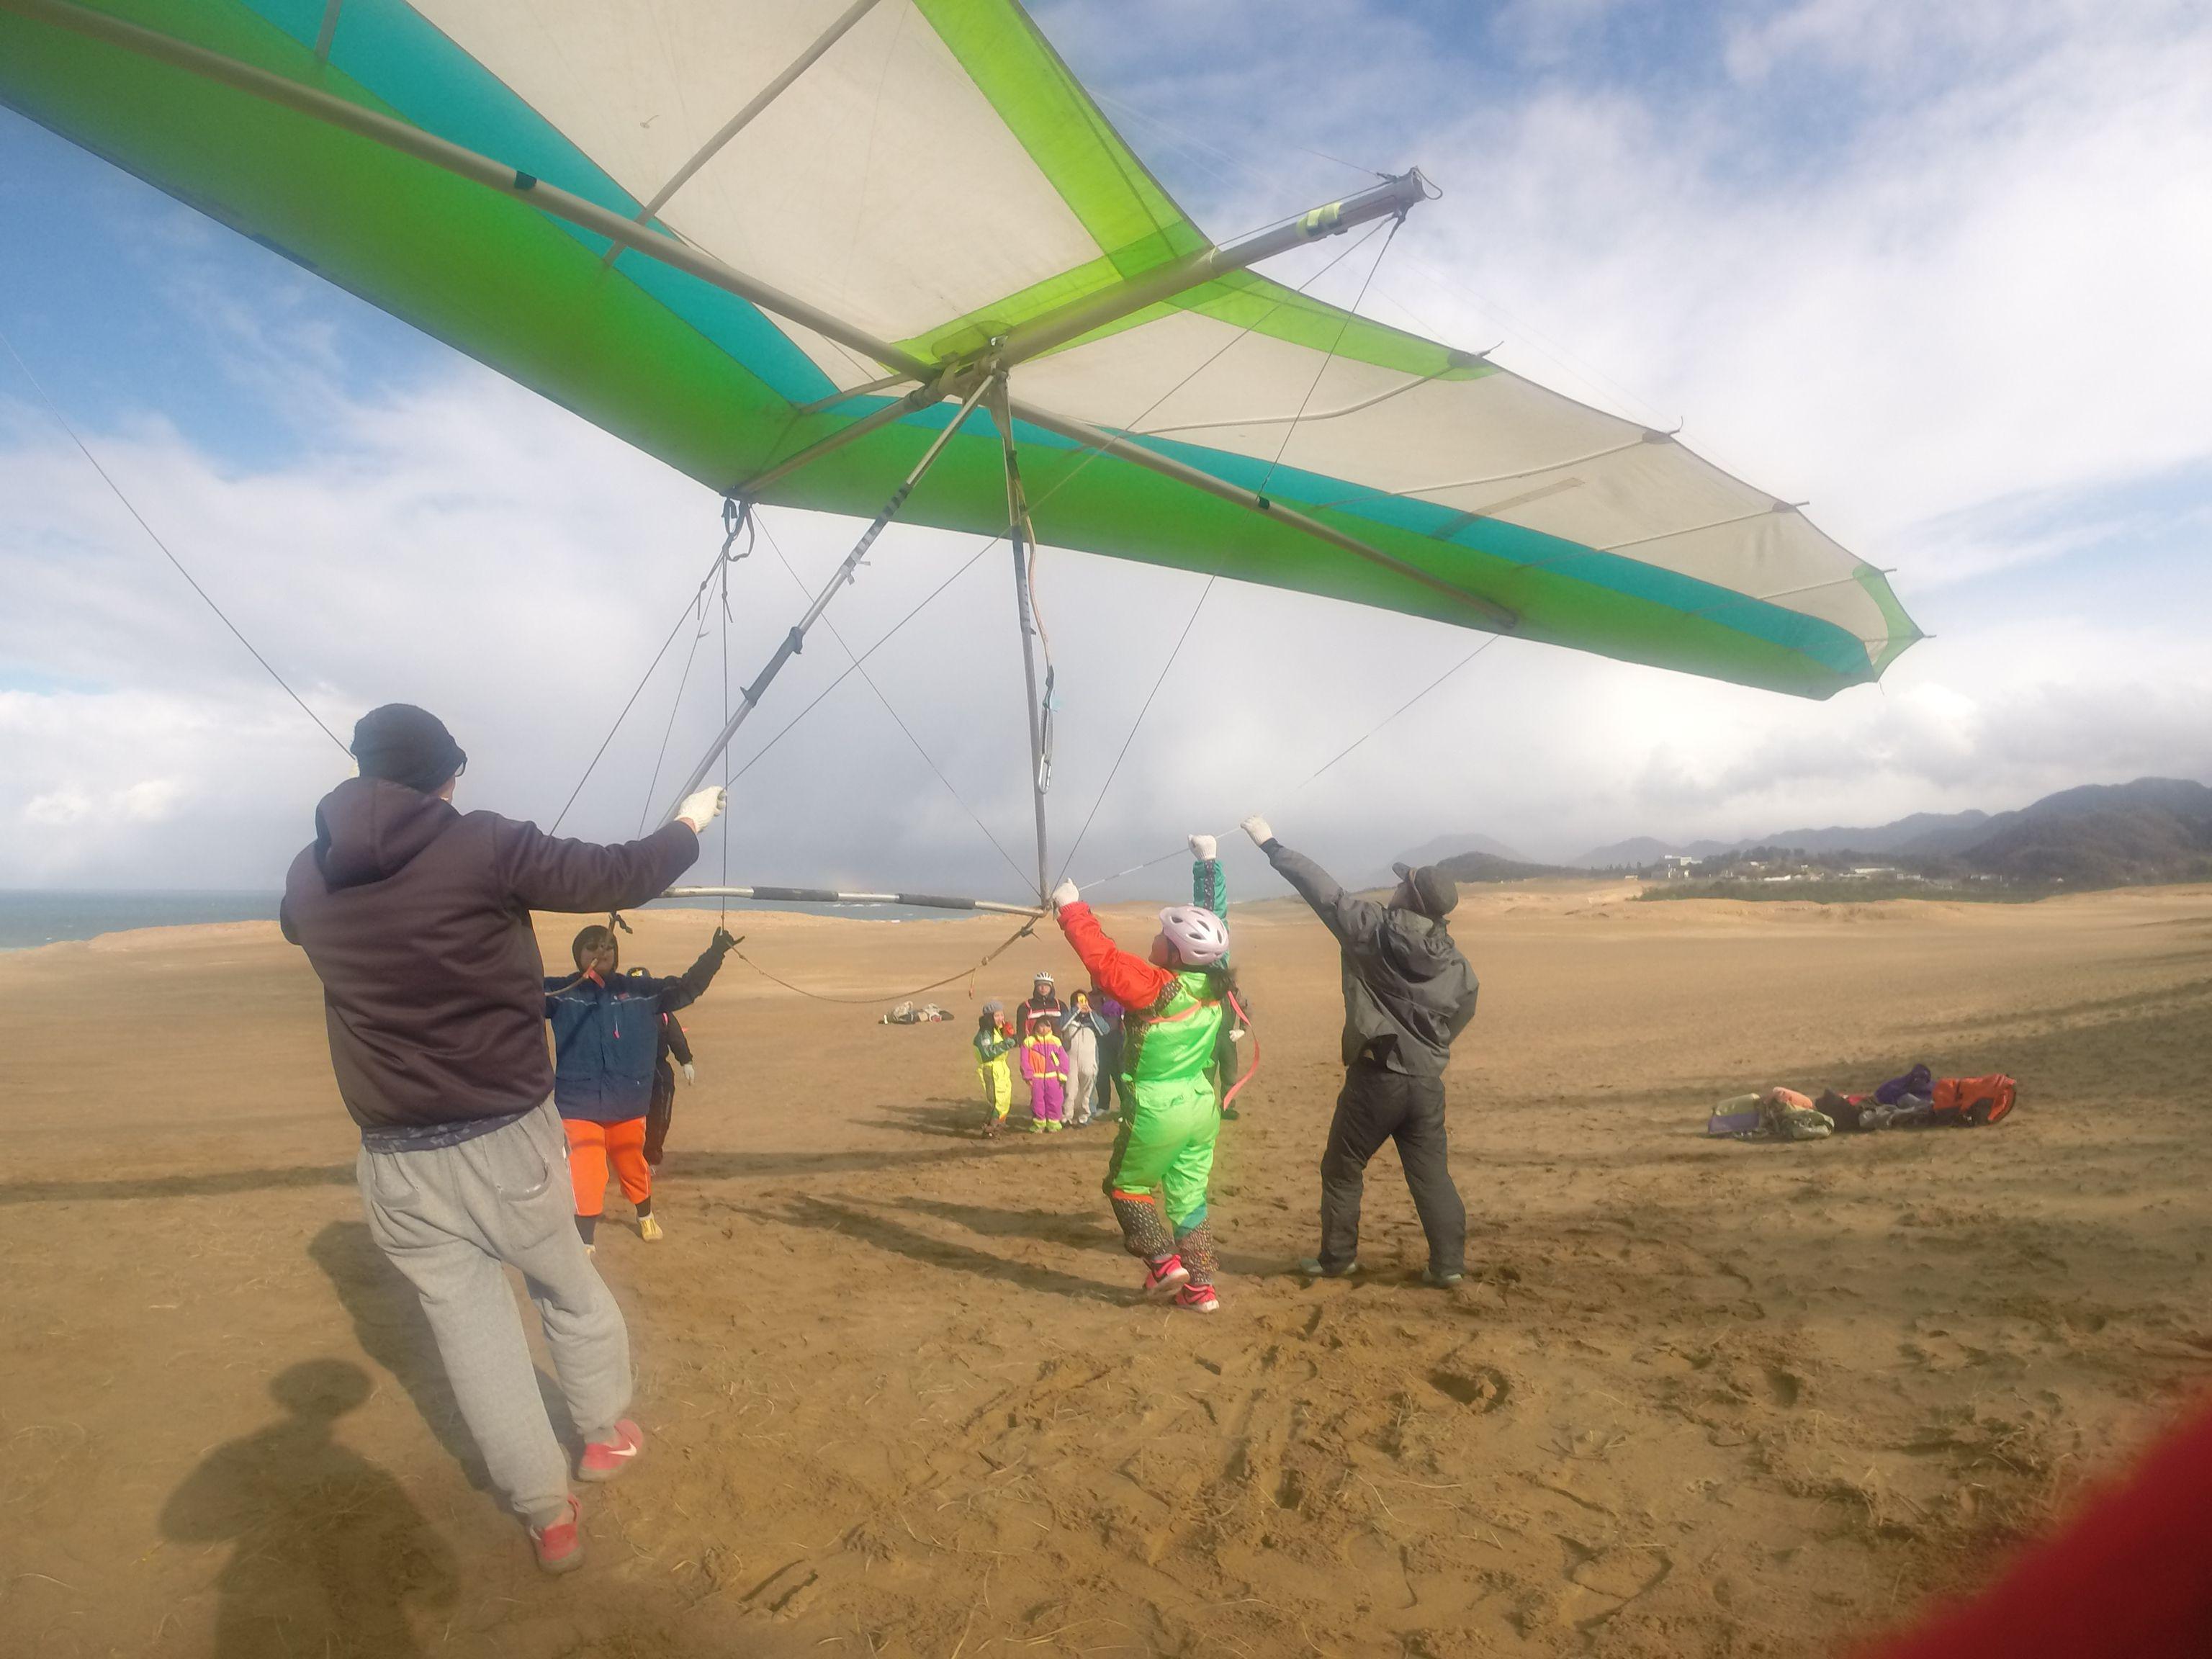 まずは簡単に飛べるハンググライダーに挑戦